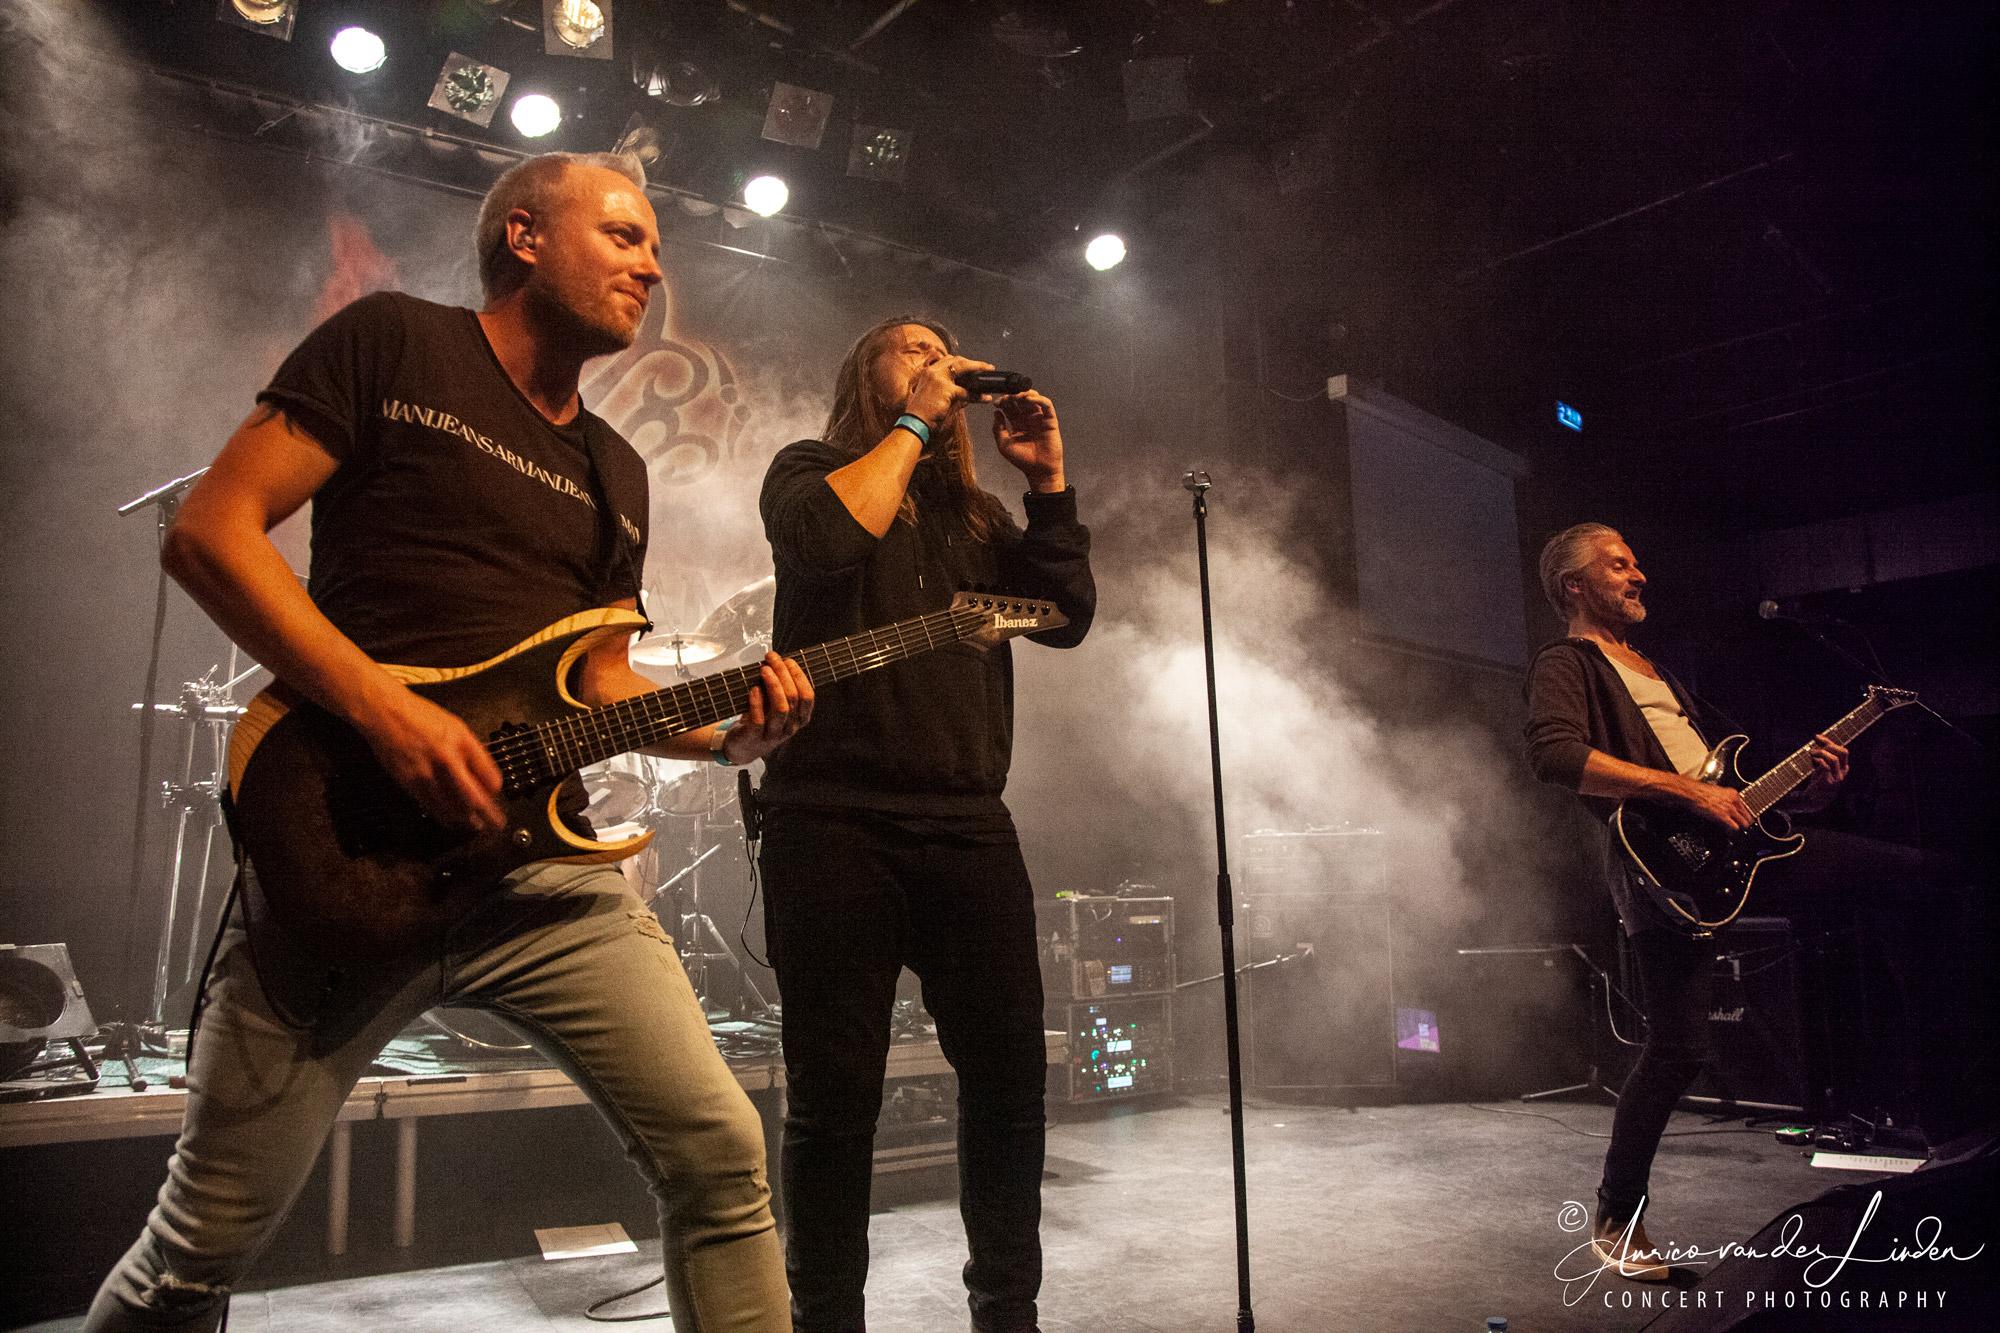 Anrico van der Linden, Concert Photography